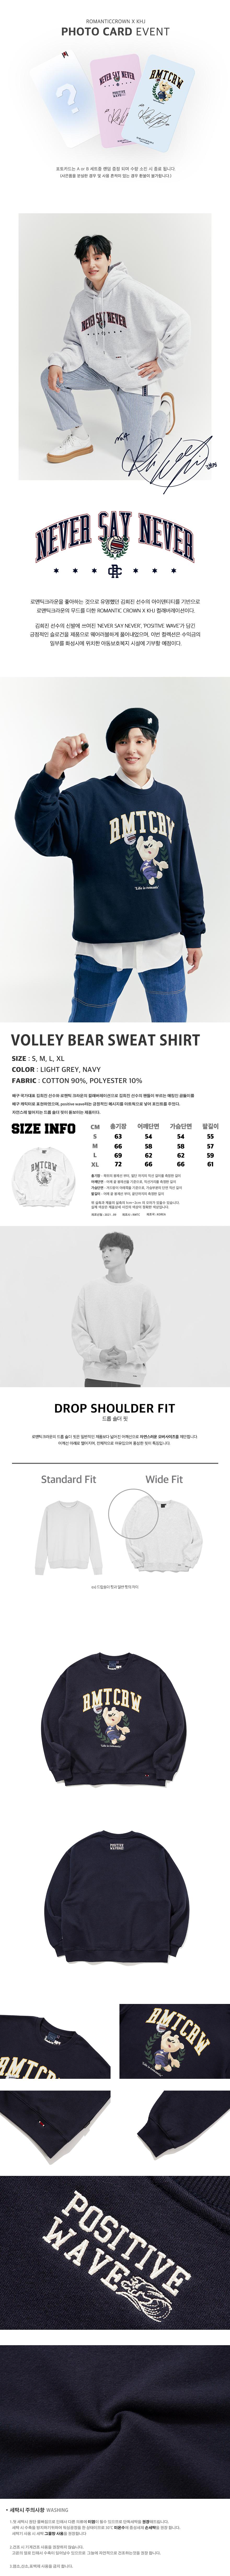 로맨틱크라운(ROMANTIC CROWN) [김희진 선수 X 로맨틱크라운]발리 베어 스웻 셔츠_네이비